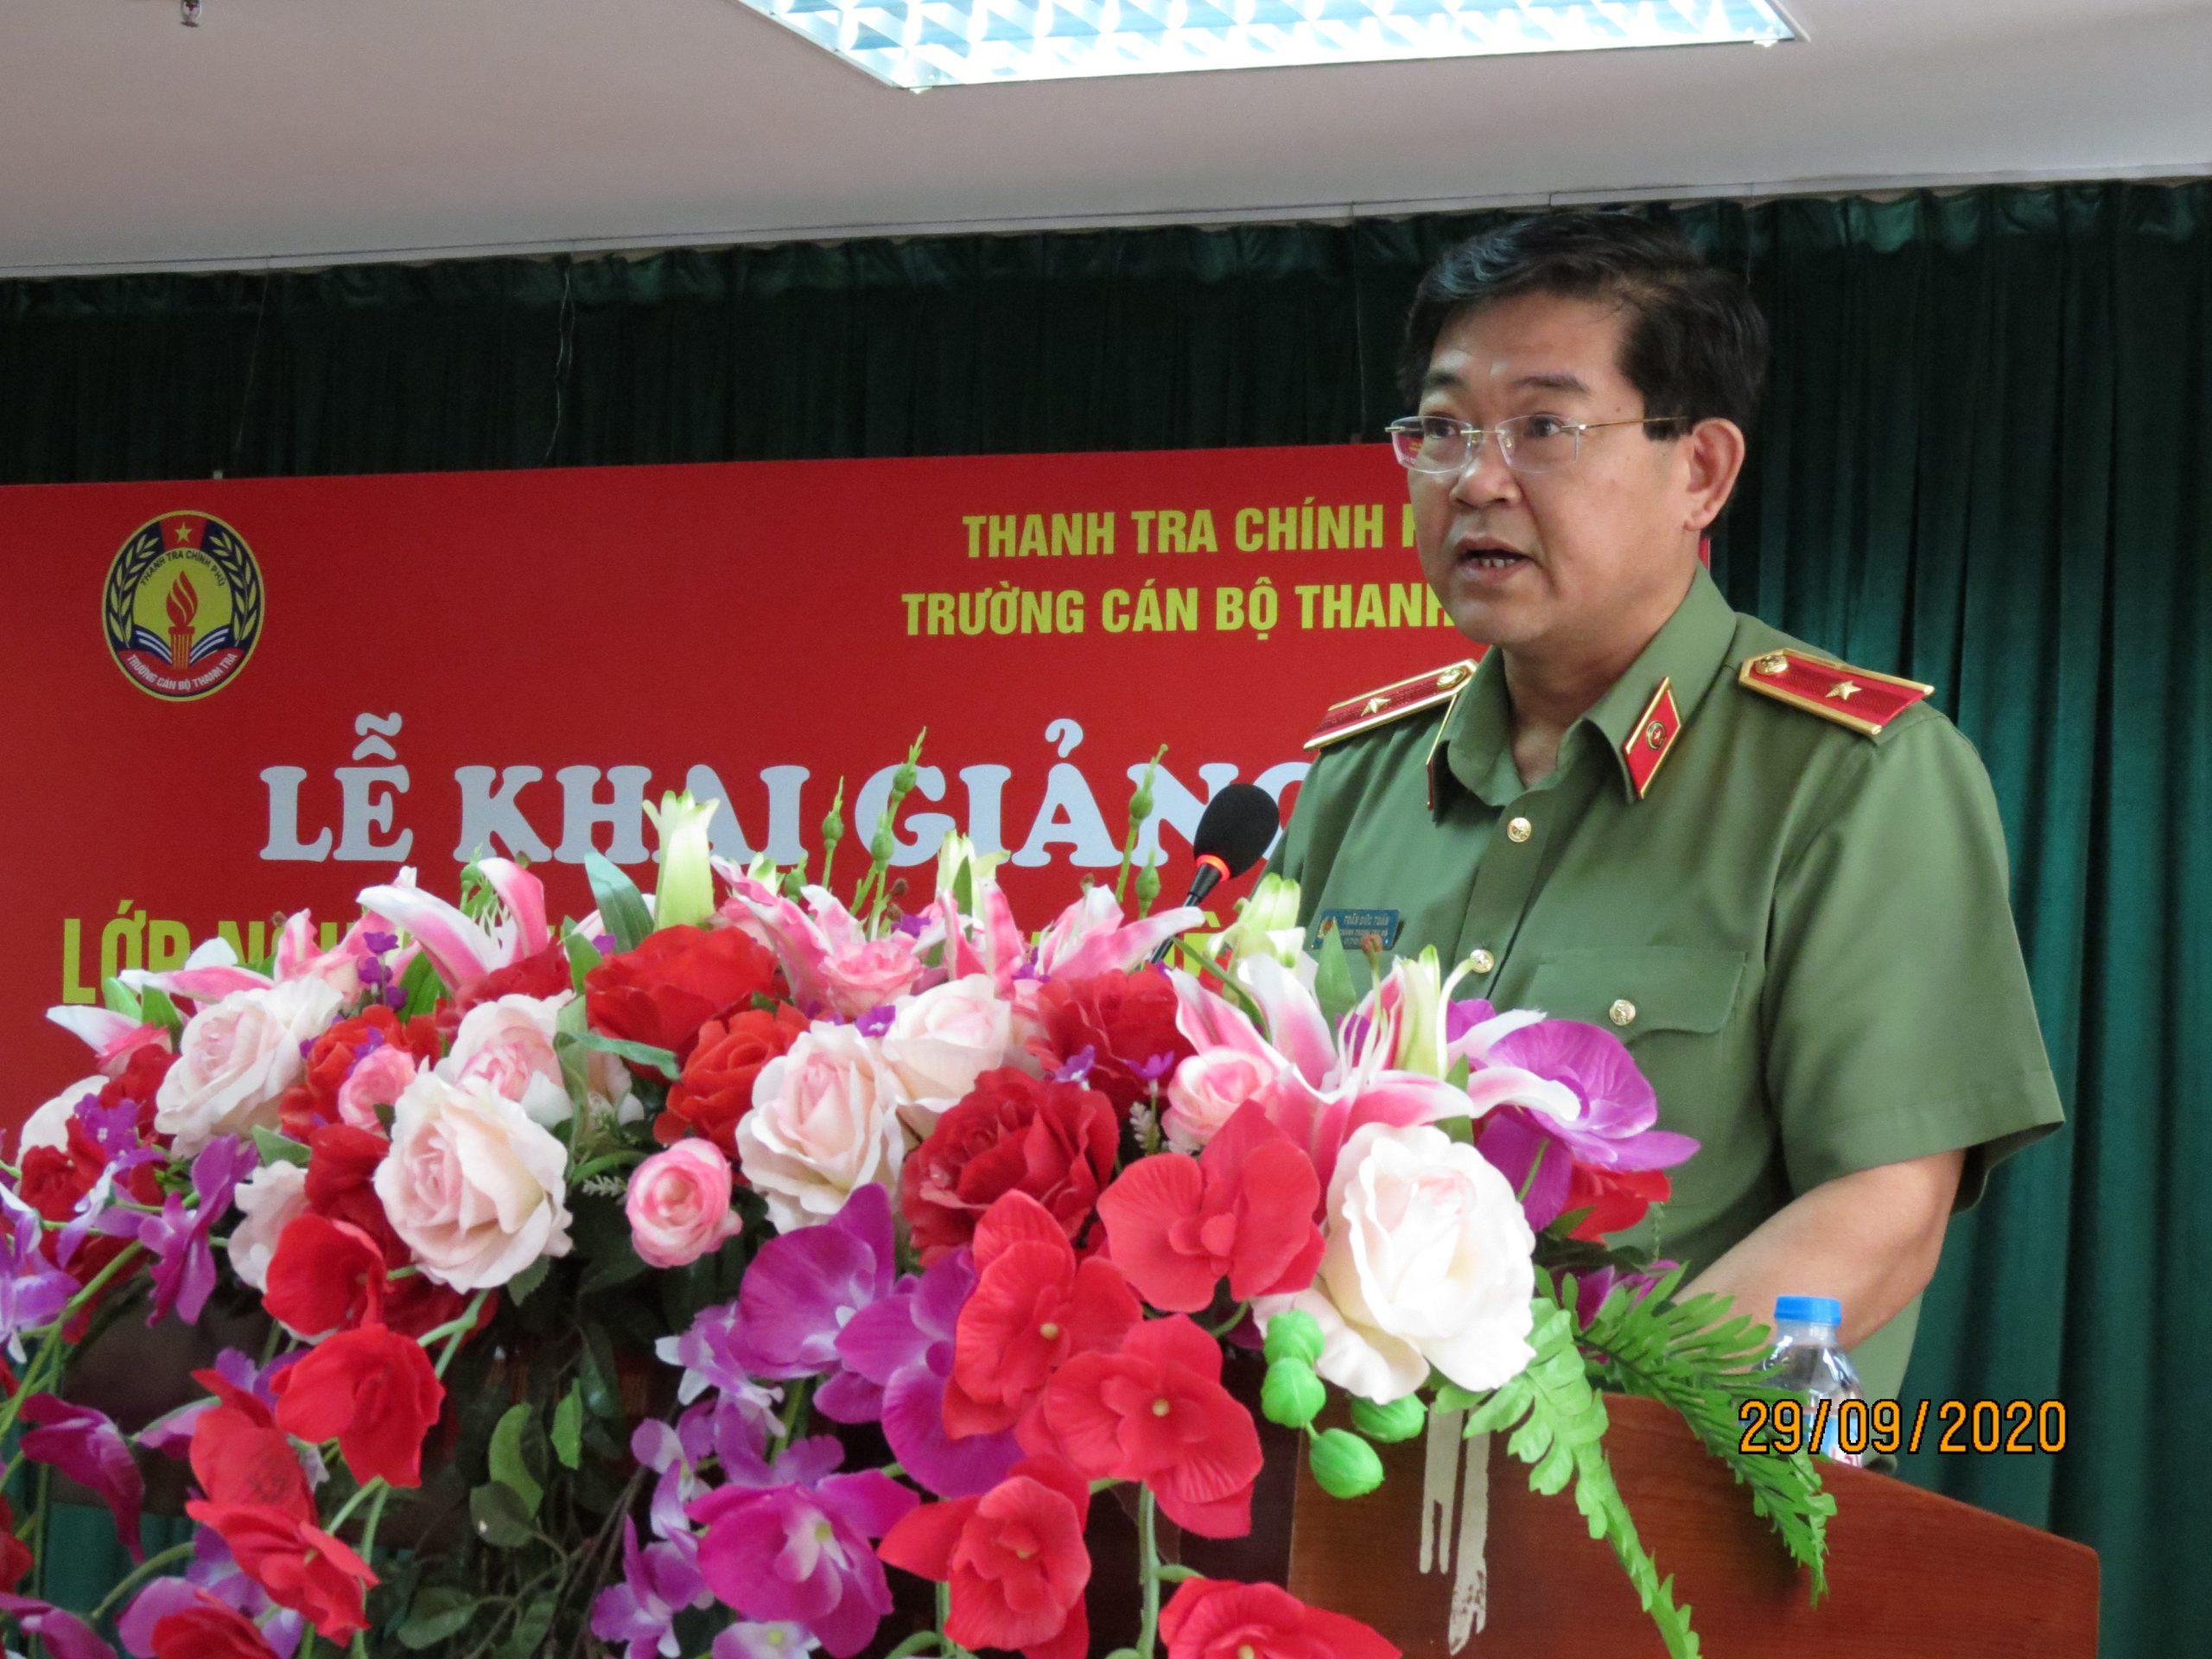 Thiếu tướng Trần Đức Tuấn CTT Bộ Công an phát biểu tại Lễ khai giảng